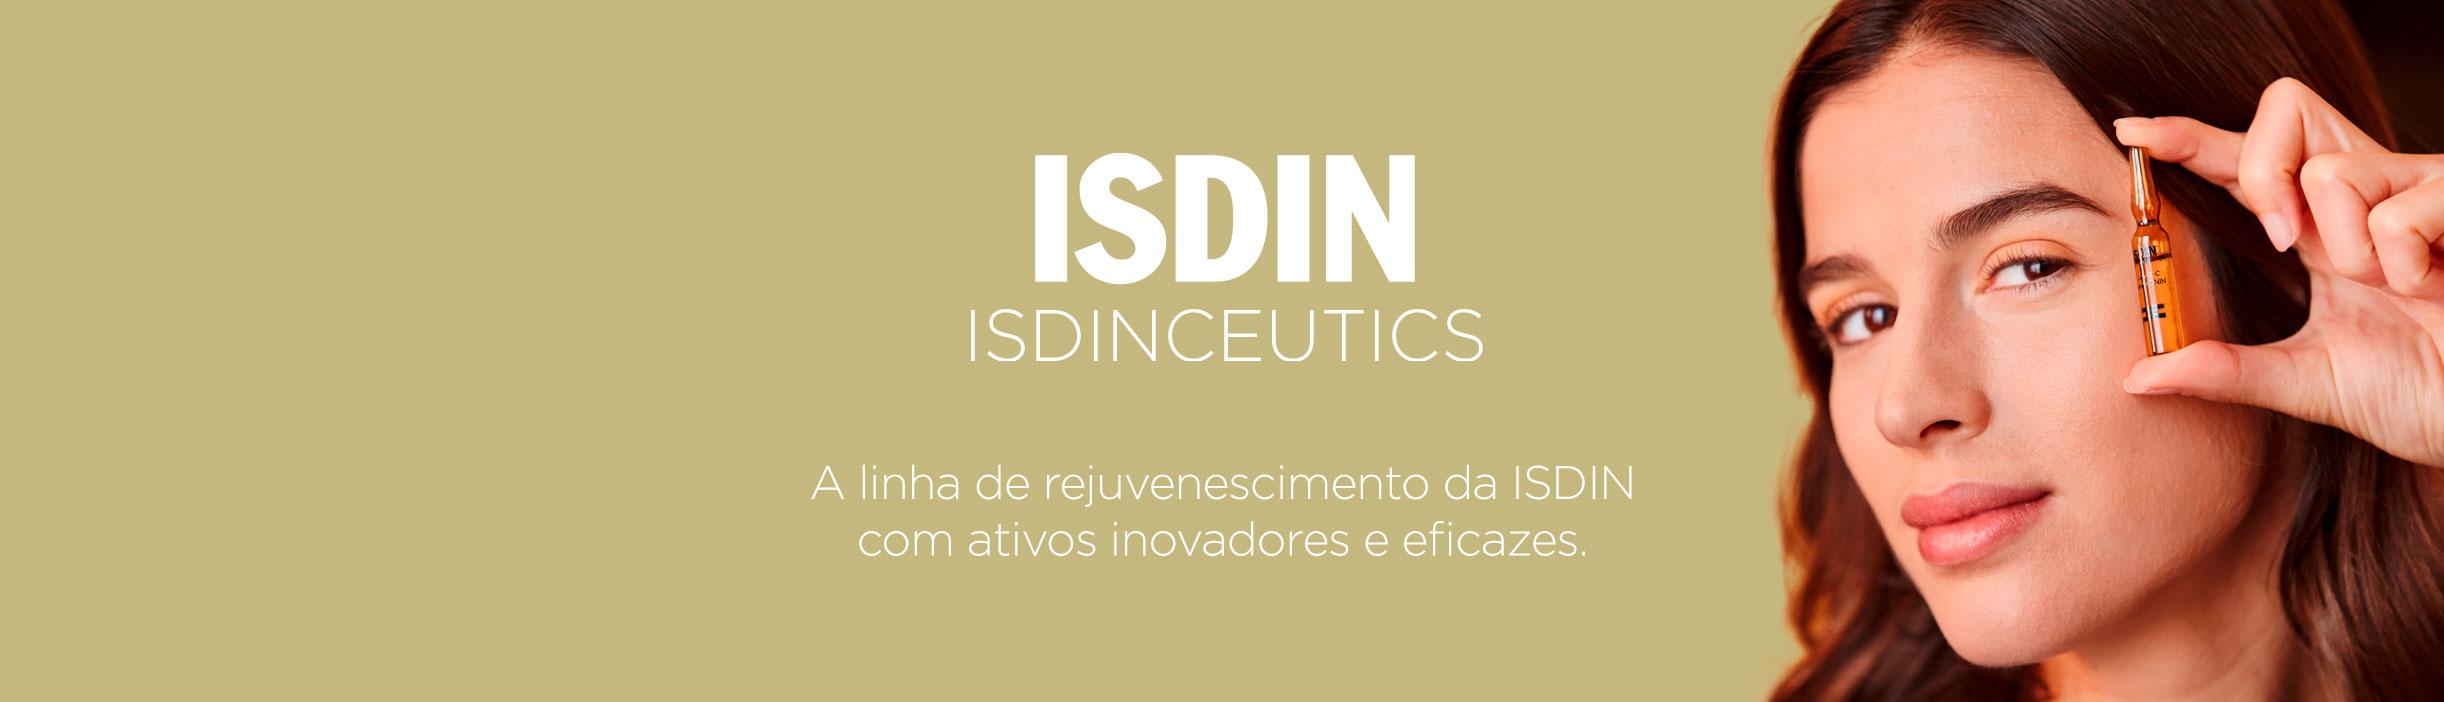 ISDIN   Linha Isdinceutics